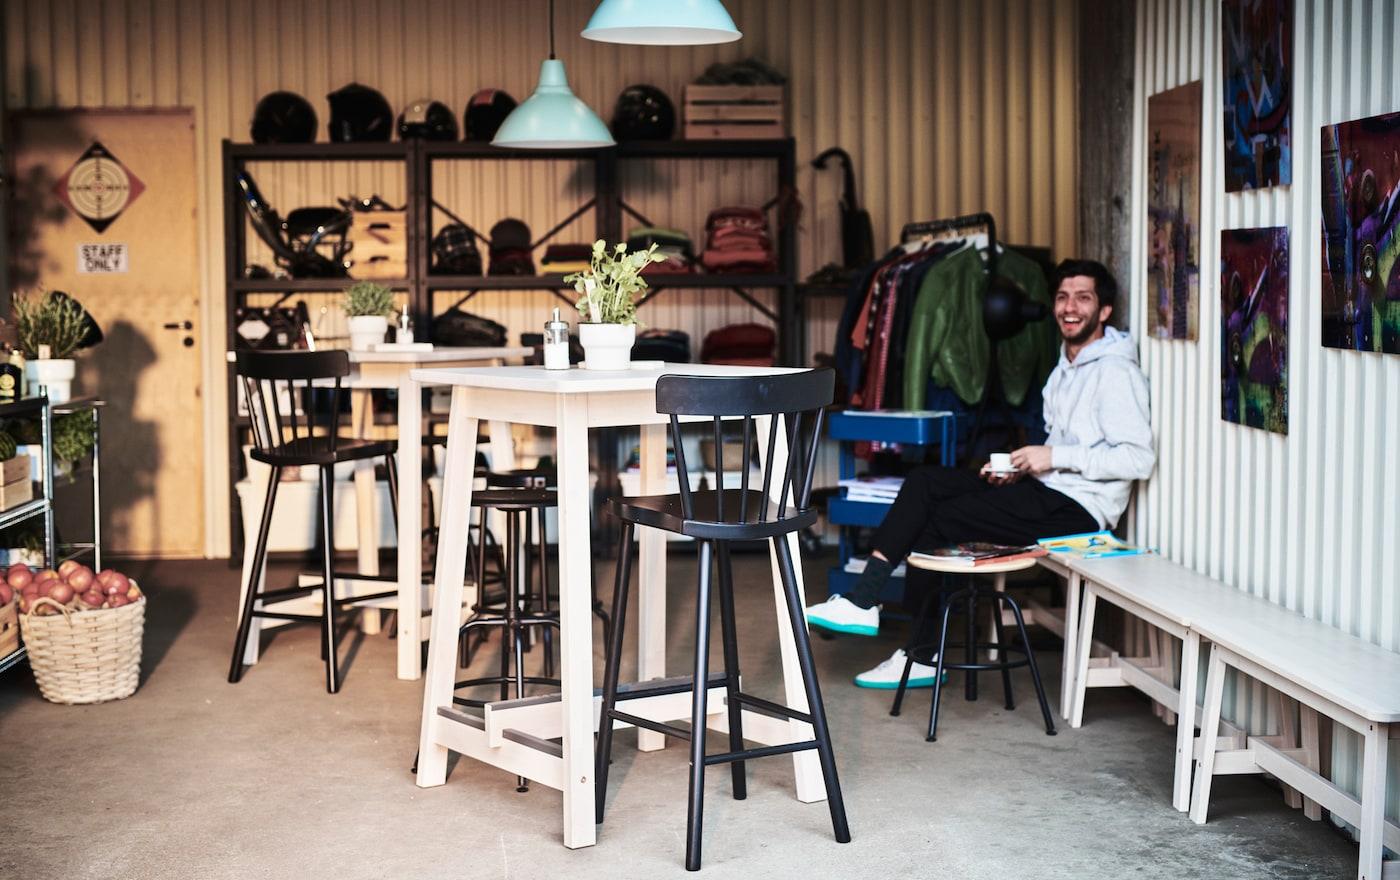 NORRÅKER طاولات مرتفعة من ايكيا من الخشب الخفيف مع كراسي مرتفعة لون أسود في أجواء مقهى صغير ريفي.